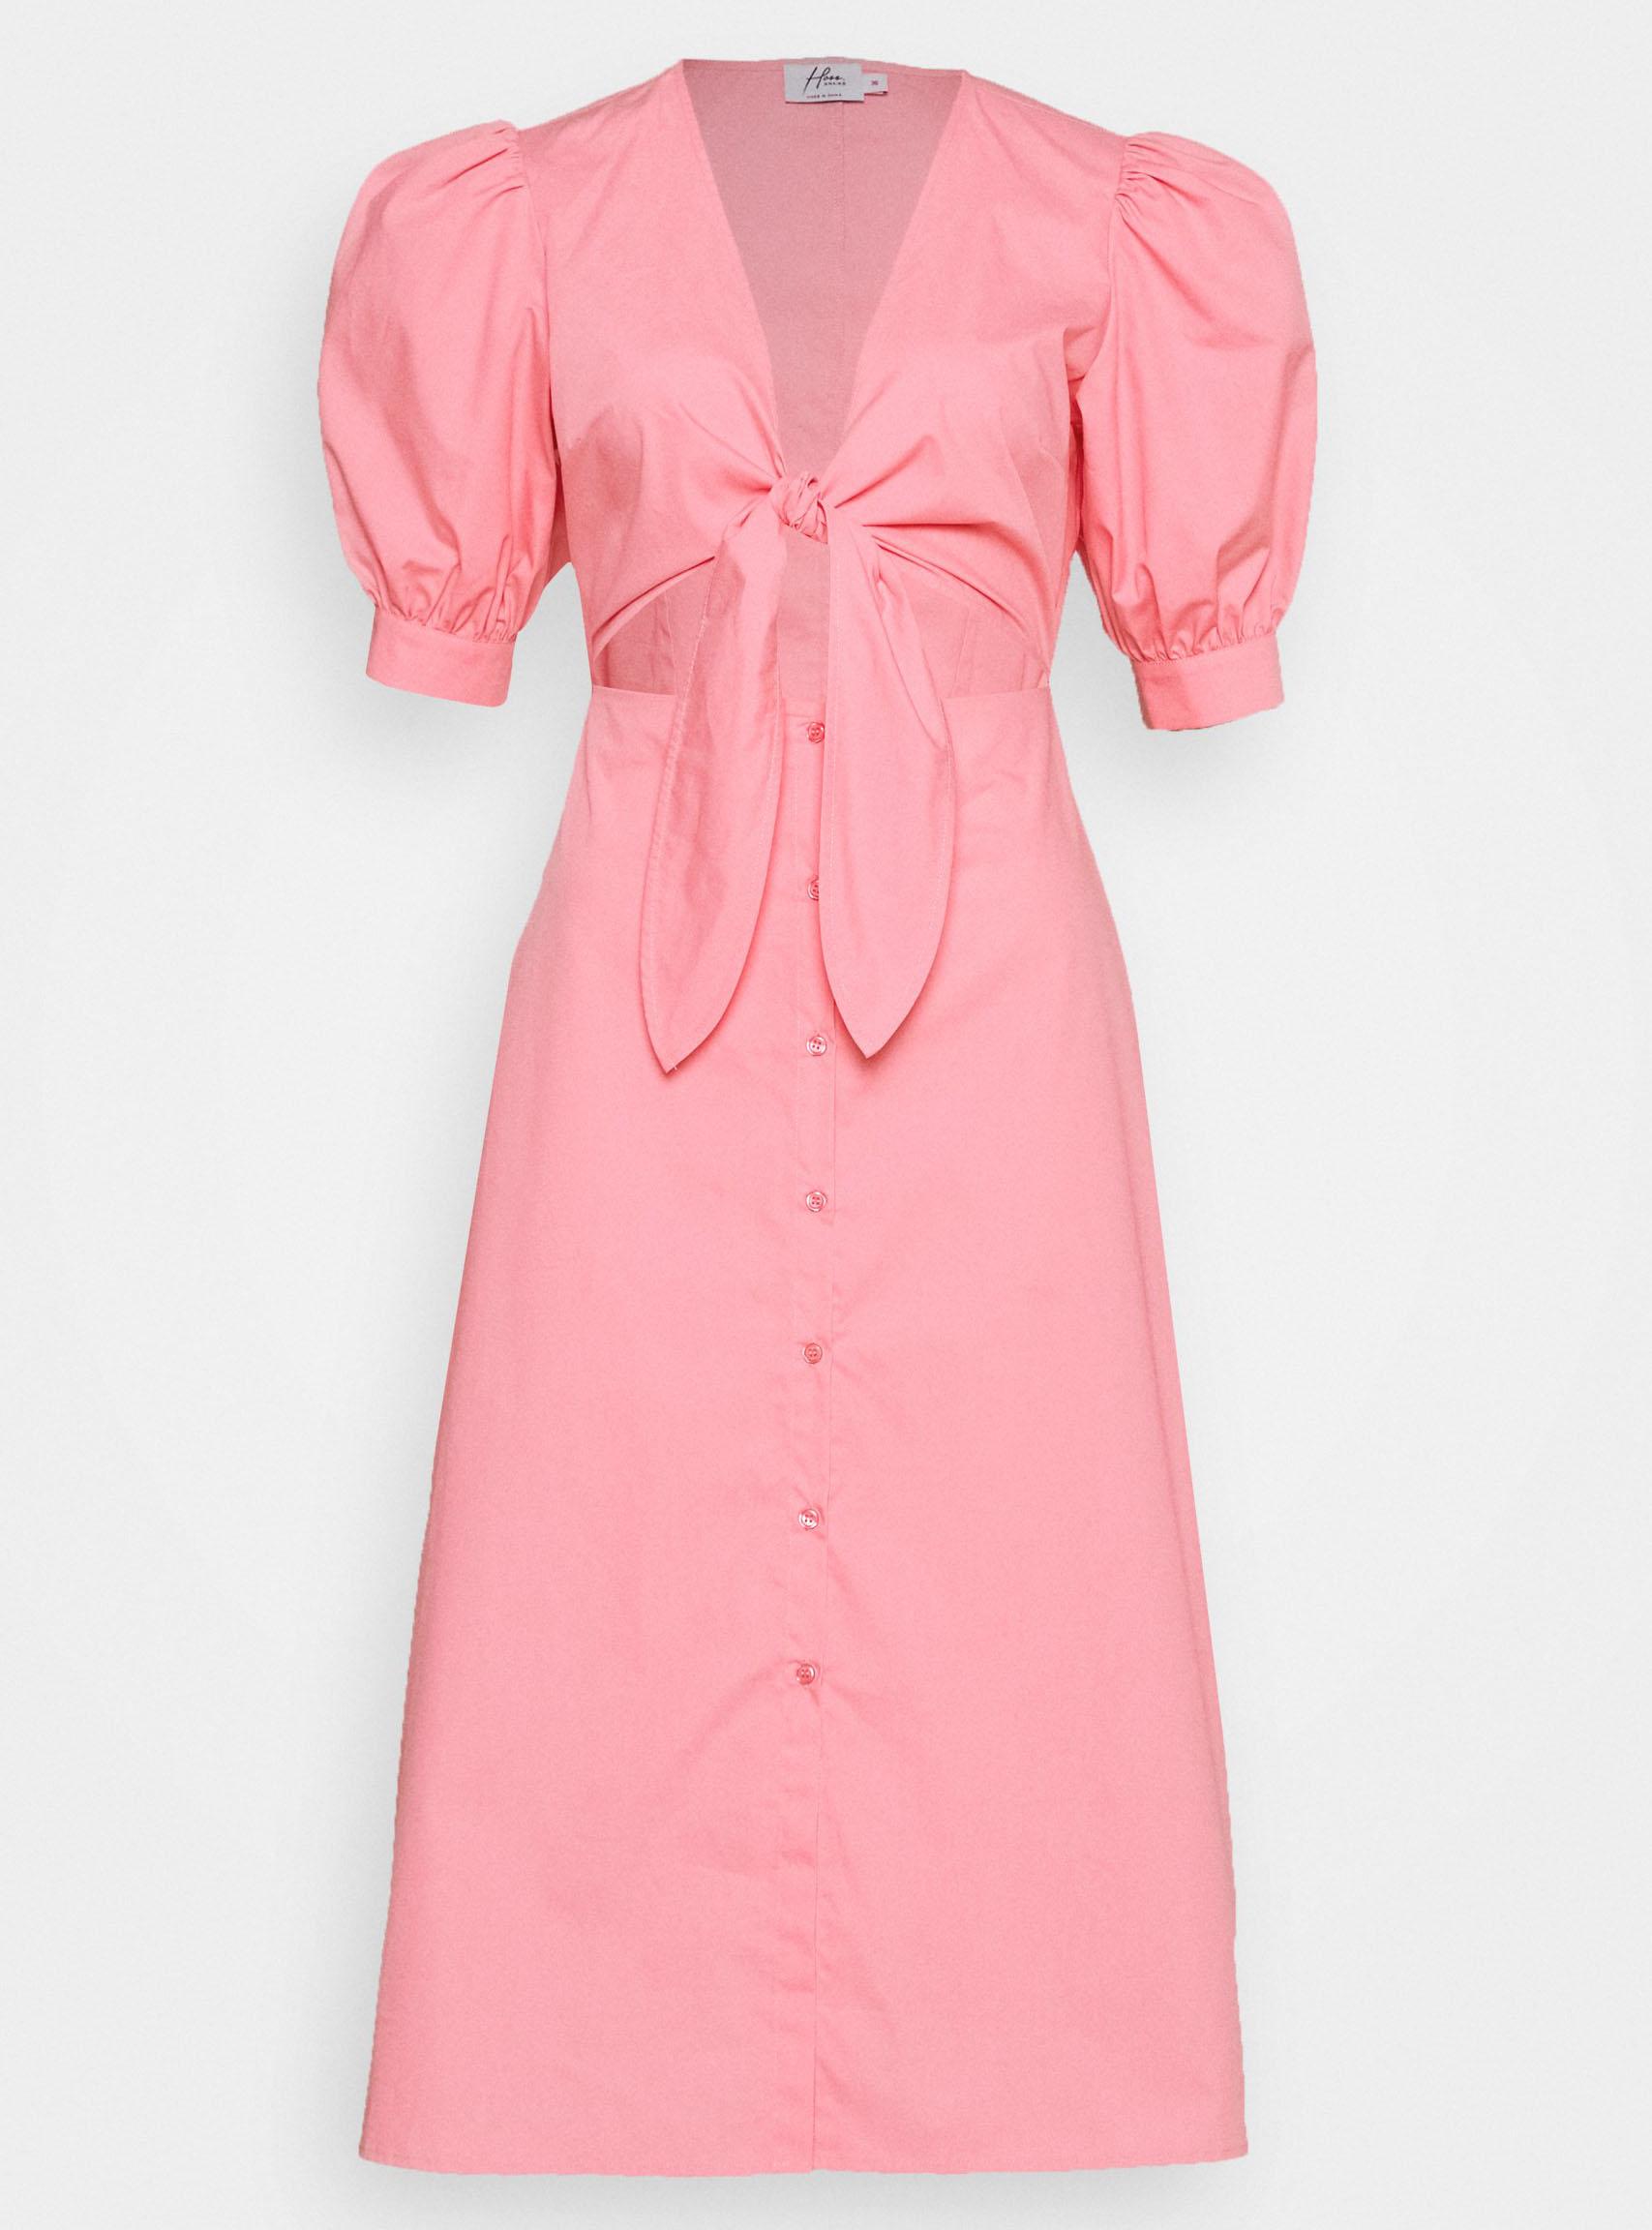 rosa-midiklänning-front-twist-från-Hoss-x-na-kd